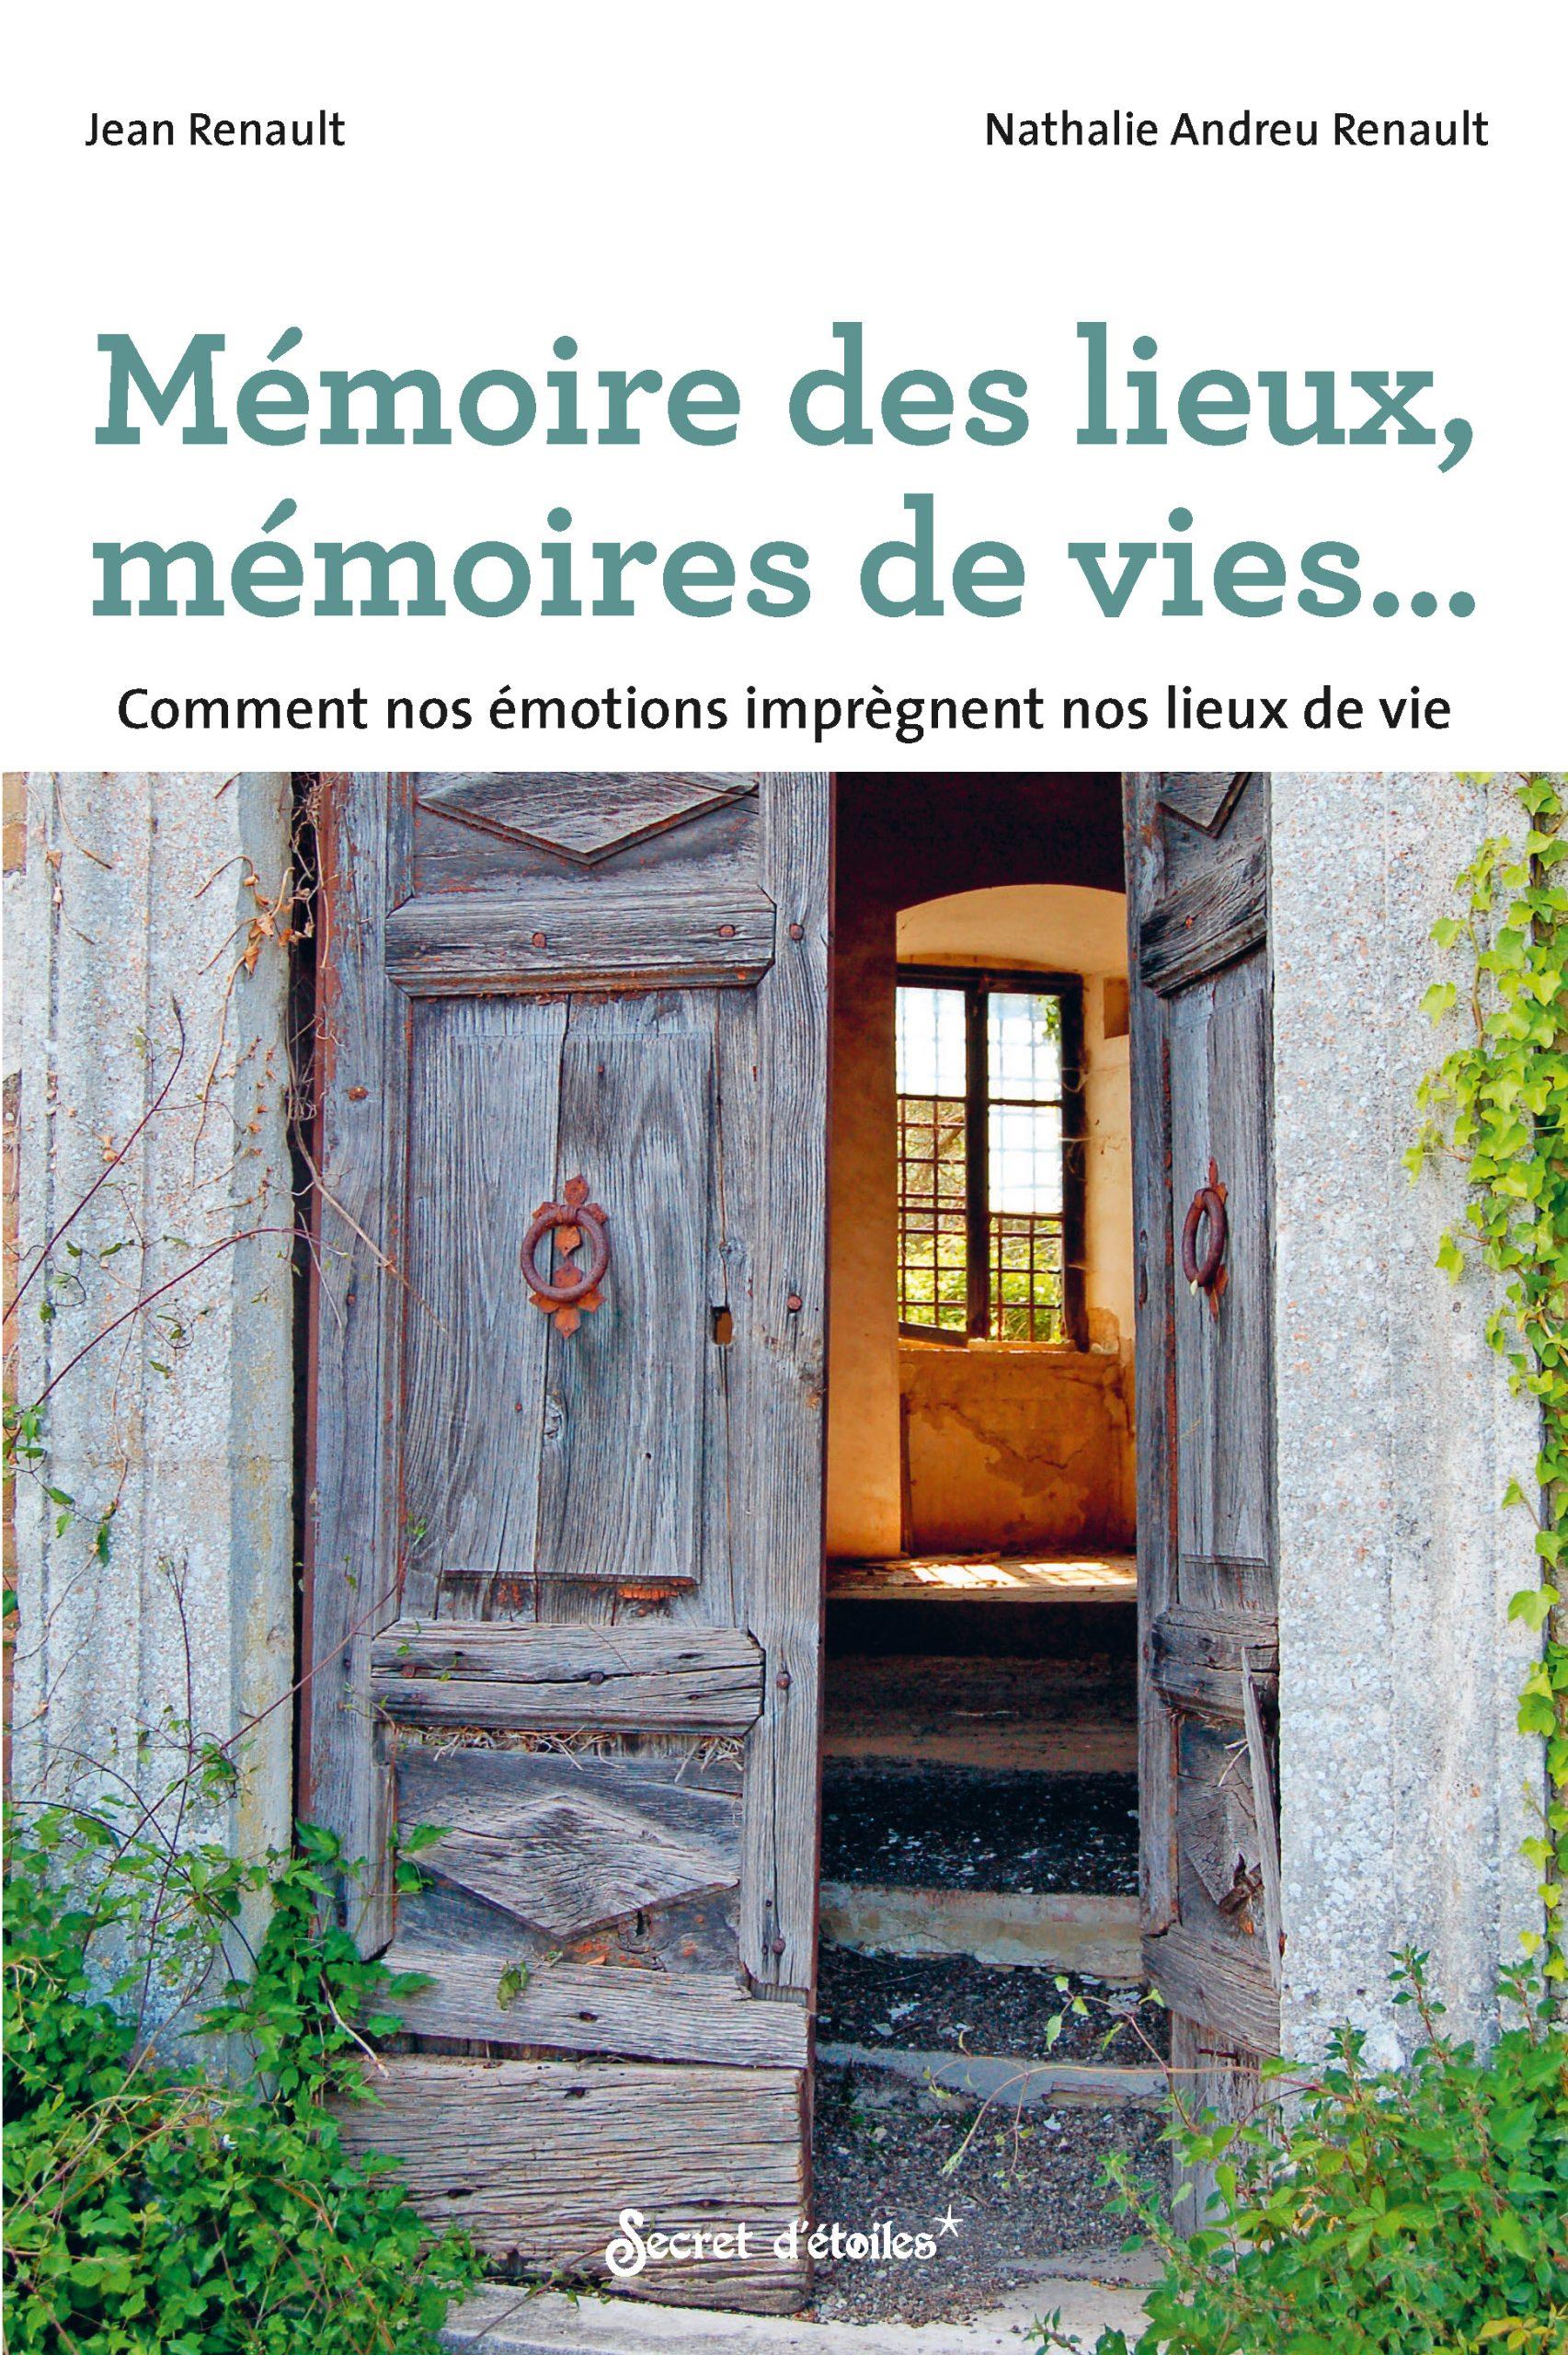 Mémoire des lieux, mémoires de vies...